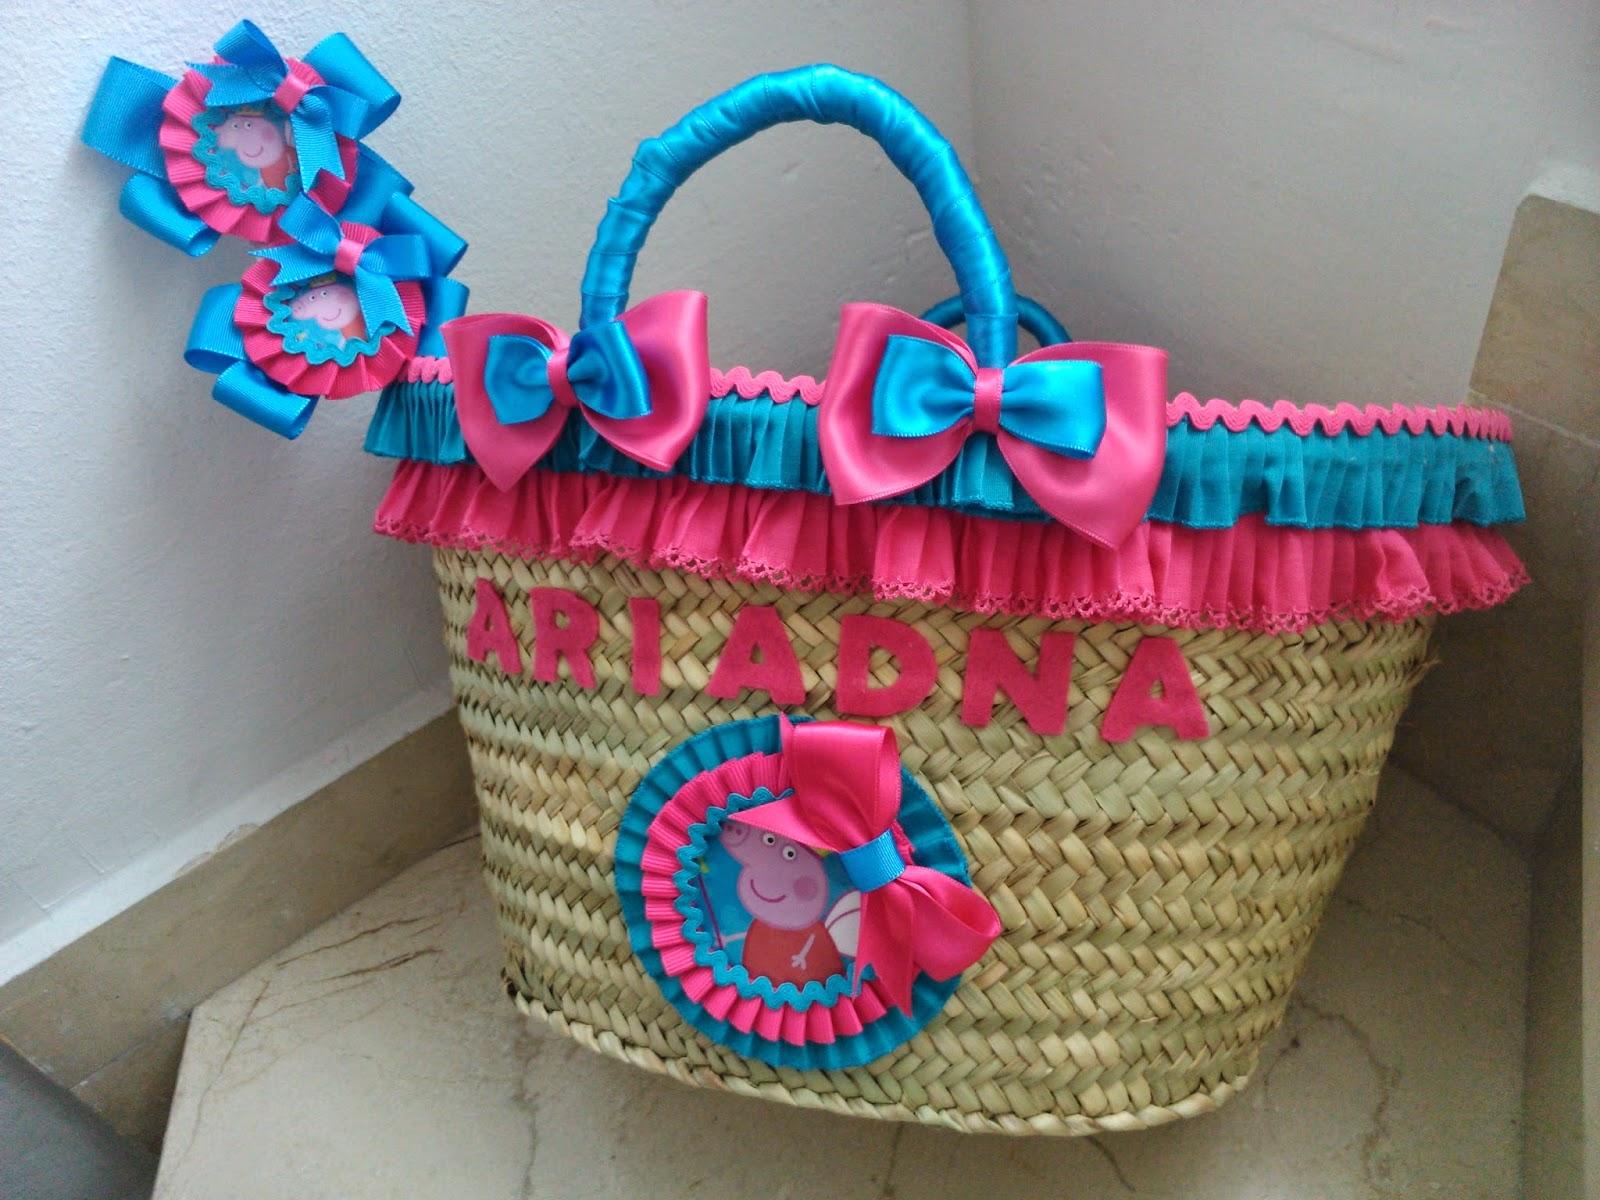 Chitines fieltro y otras manualidades cestas de mimbre - Como adornar una cesta de mimbre ...